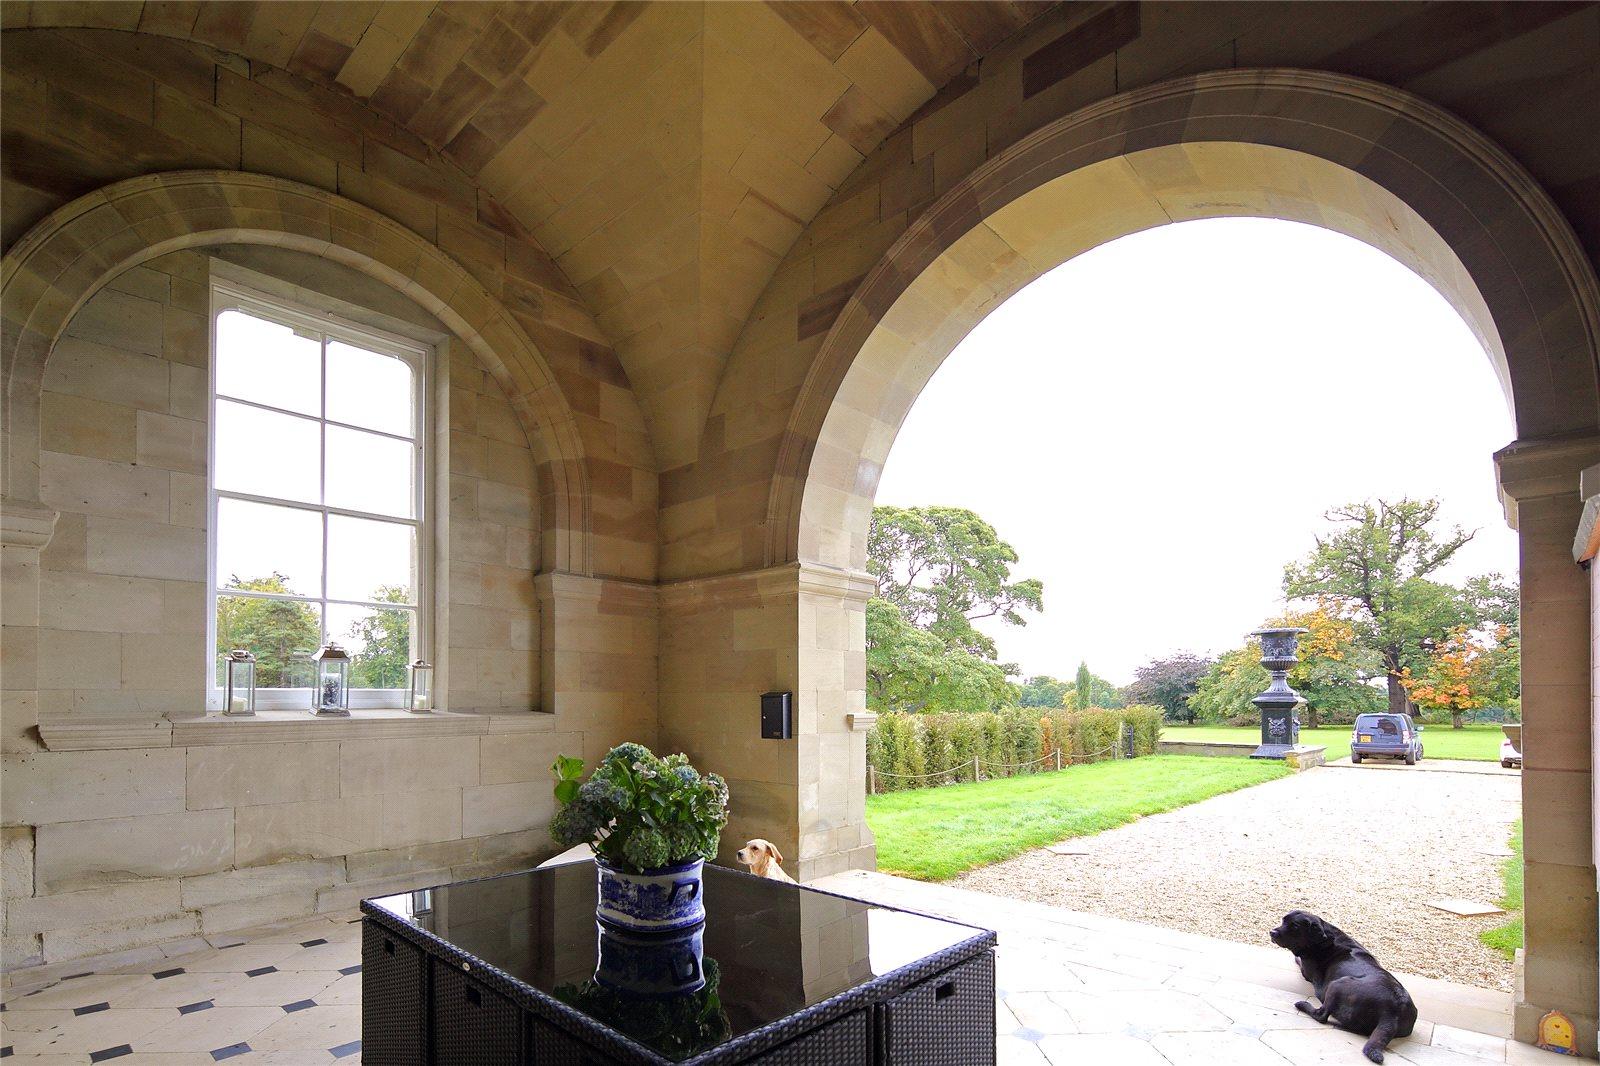 Additional photo for property listing at Wynnstay Hall Estate, Ruabon, Wrexham, Clwyd, LL14 Wrexham, Wales